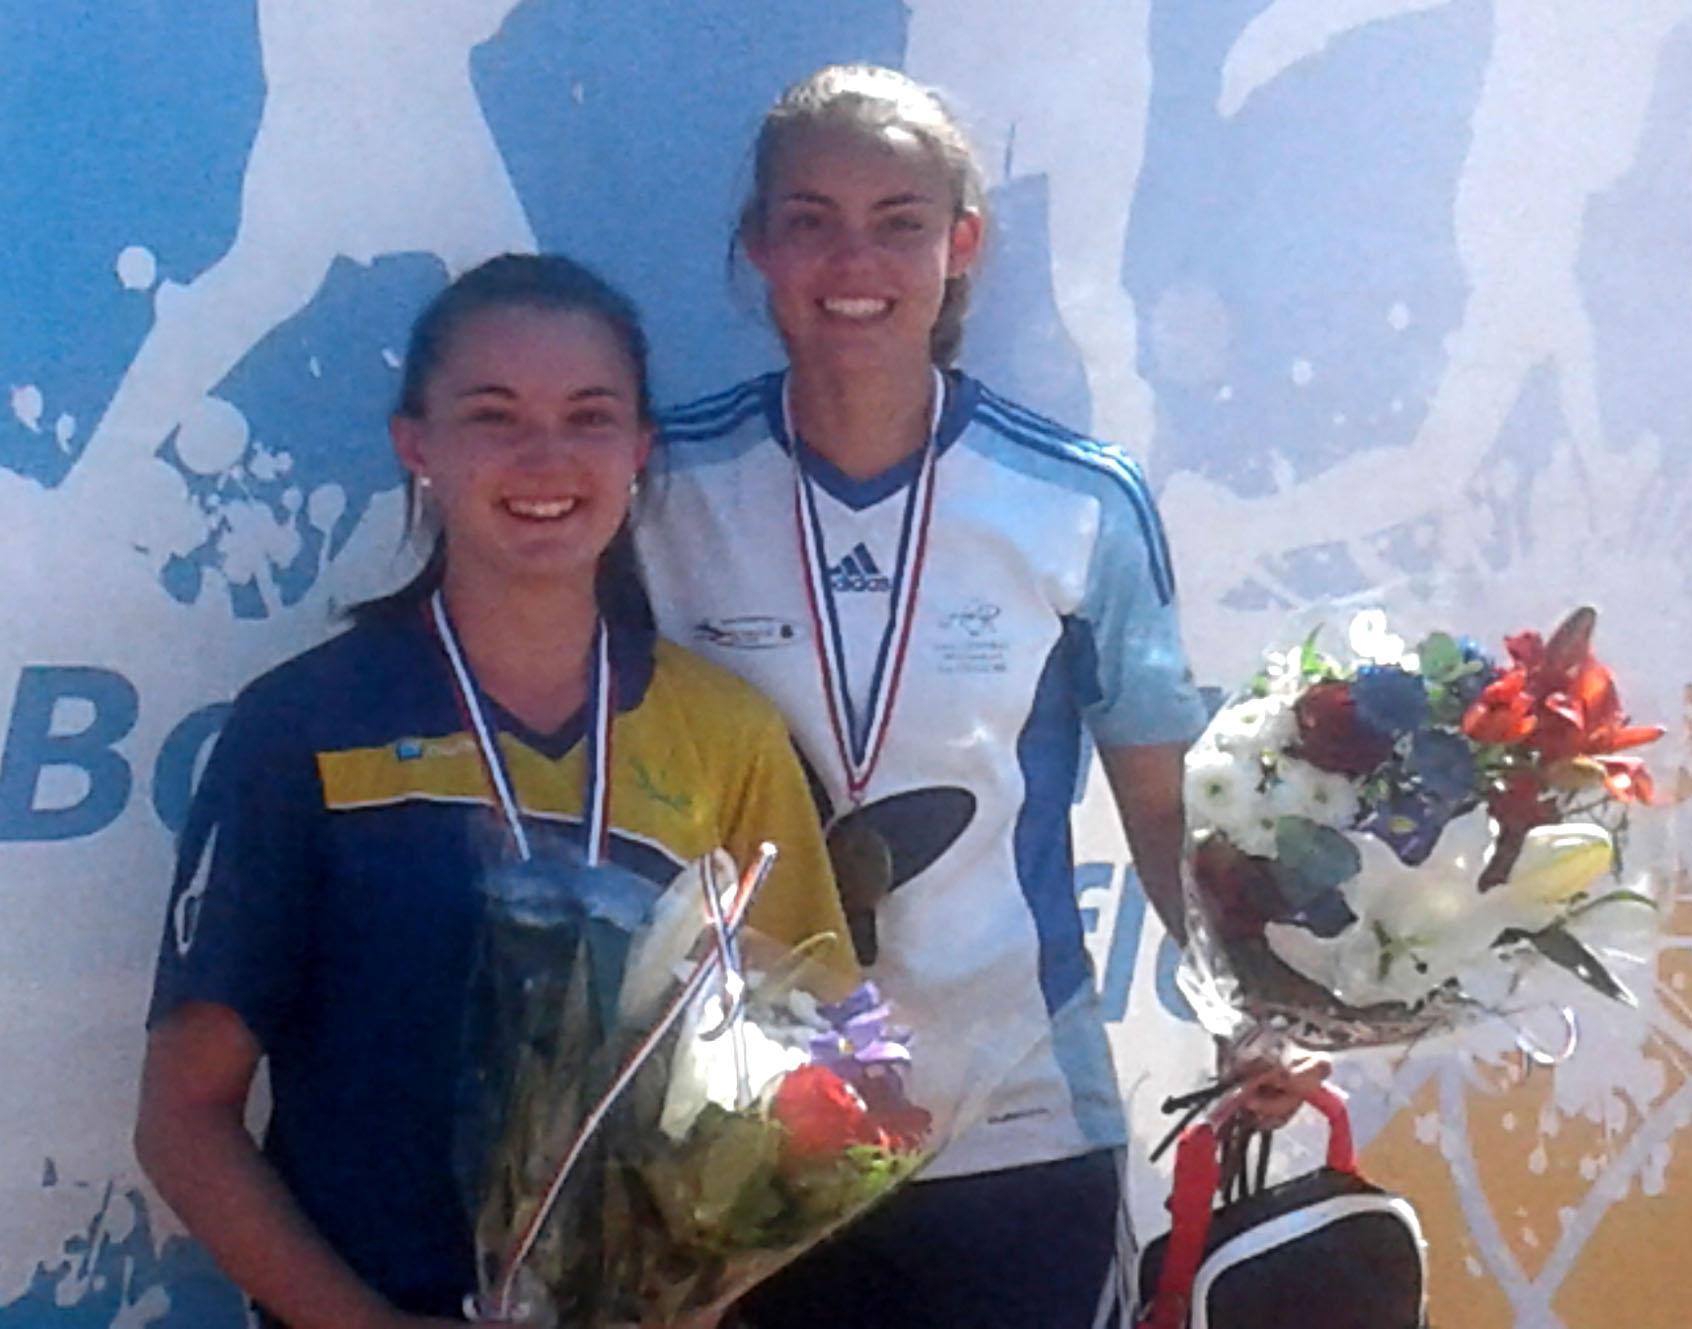 Lauryne Desmartin, finaliste de la Coupe de France